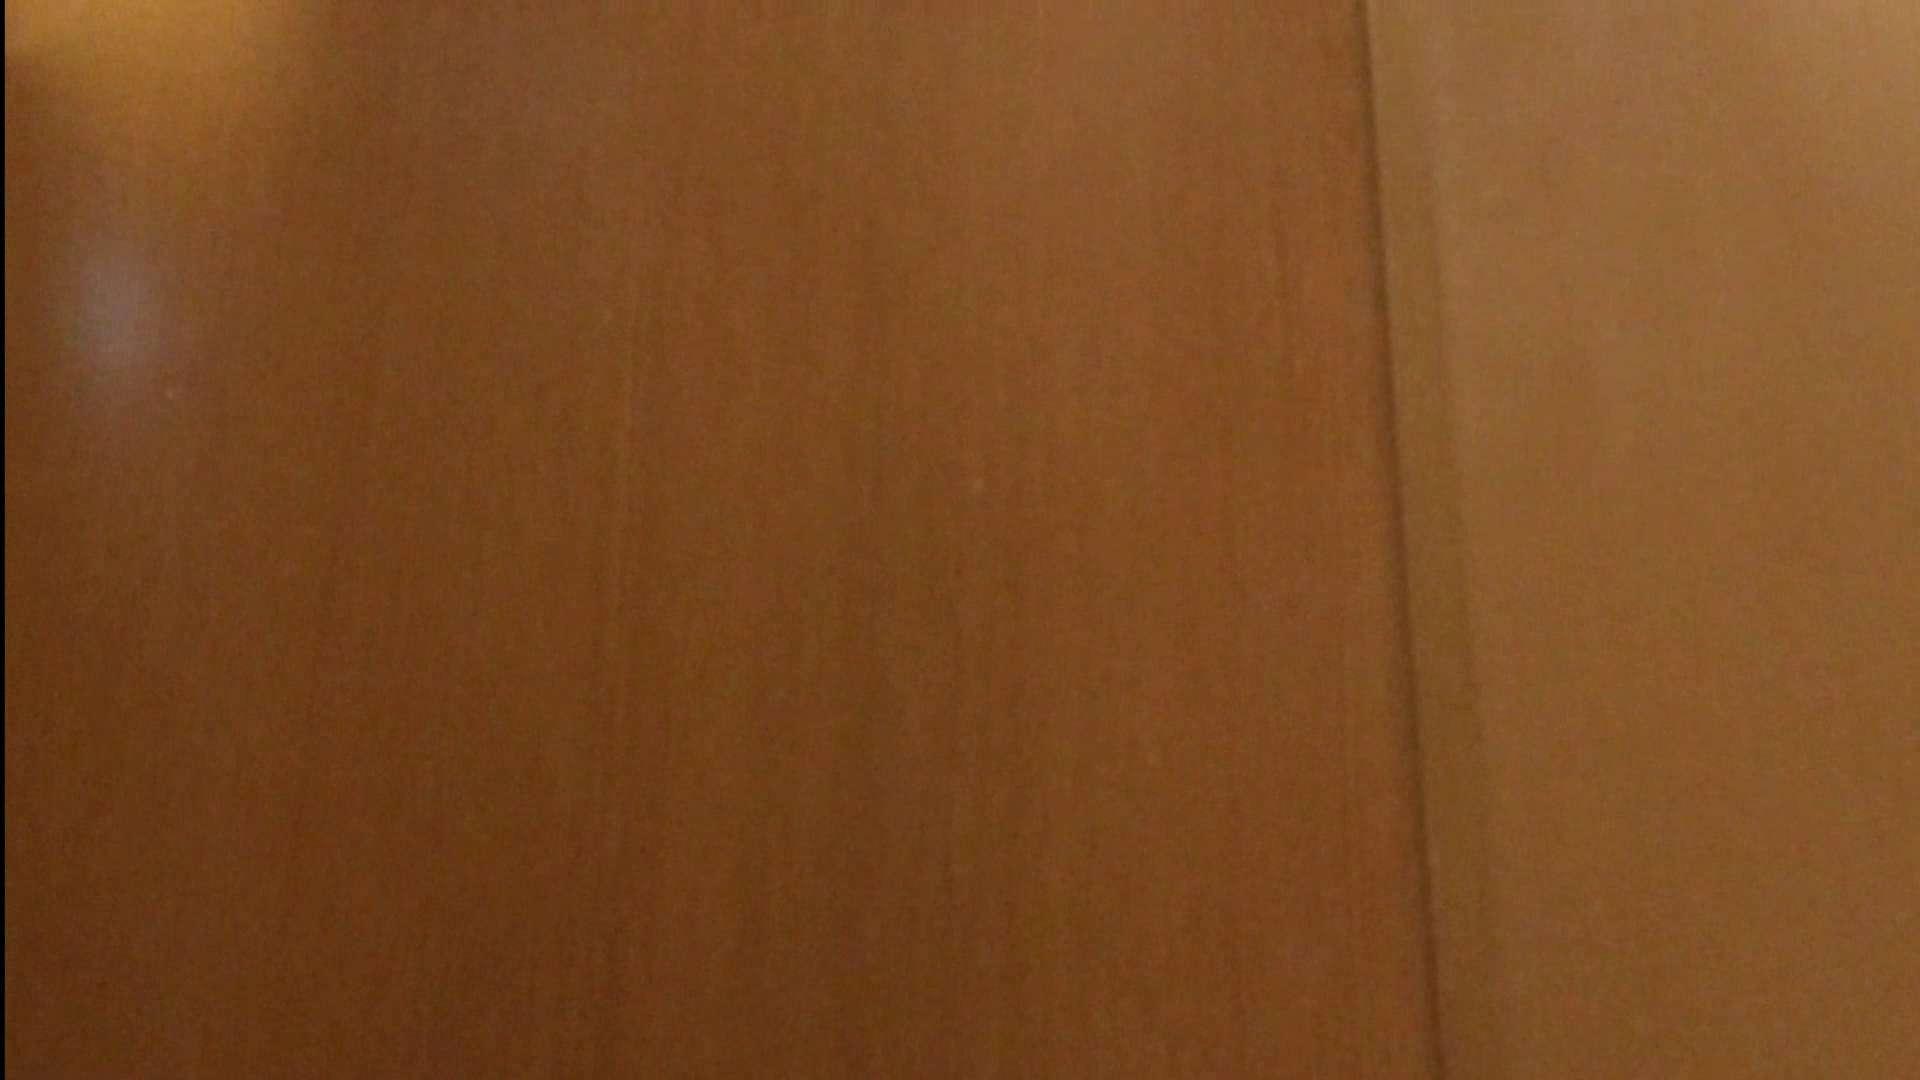 隣国化粧室下から御免!! No.04 美女ハメ撮り  100Pix 30